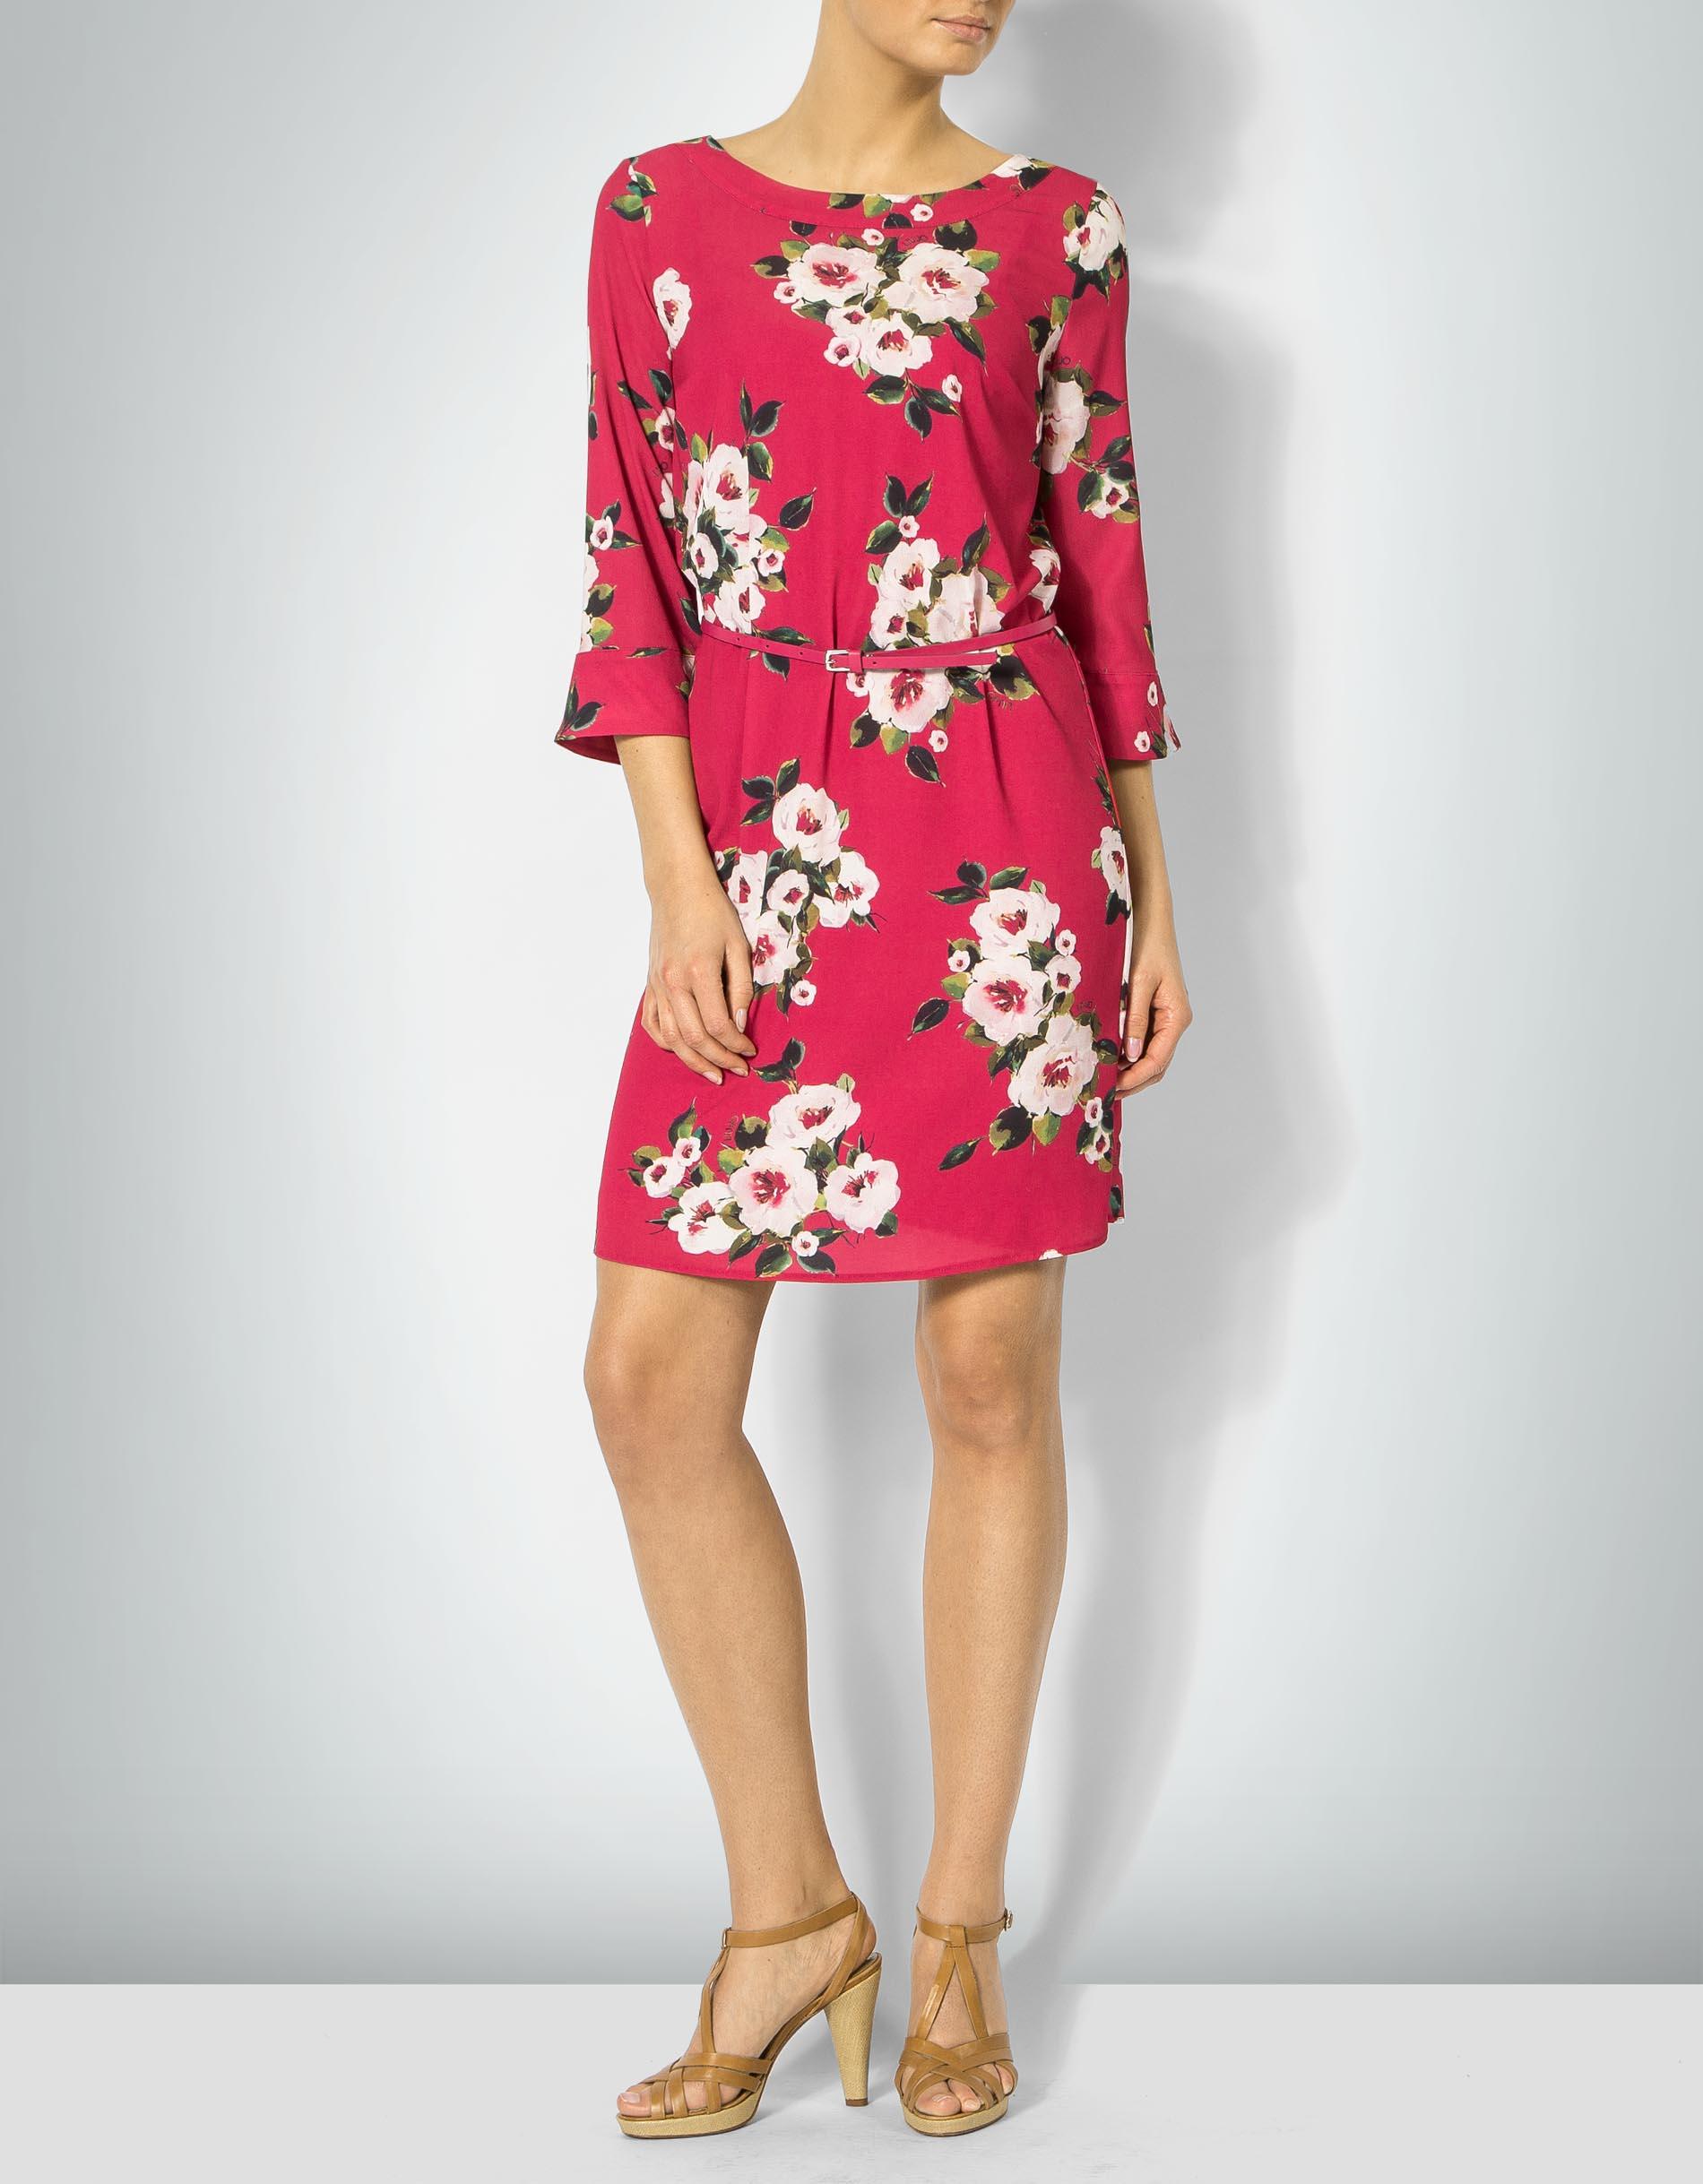 liu jo damen kleid mit floralem druck empfohlen von deinen. Black Bedroom Furniture Sets. Home Design Ideas